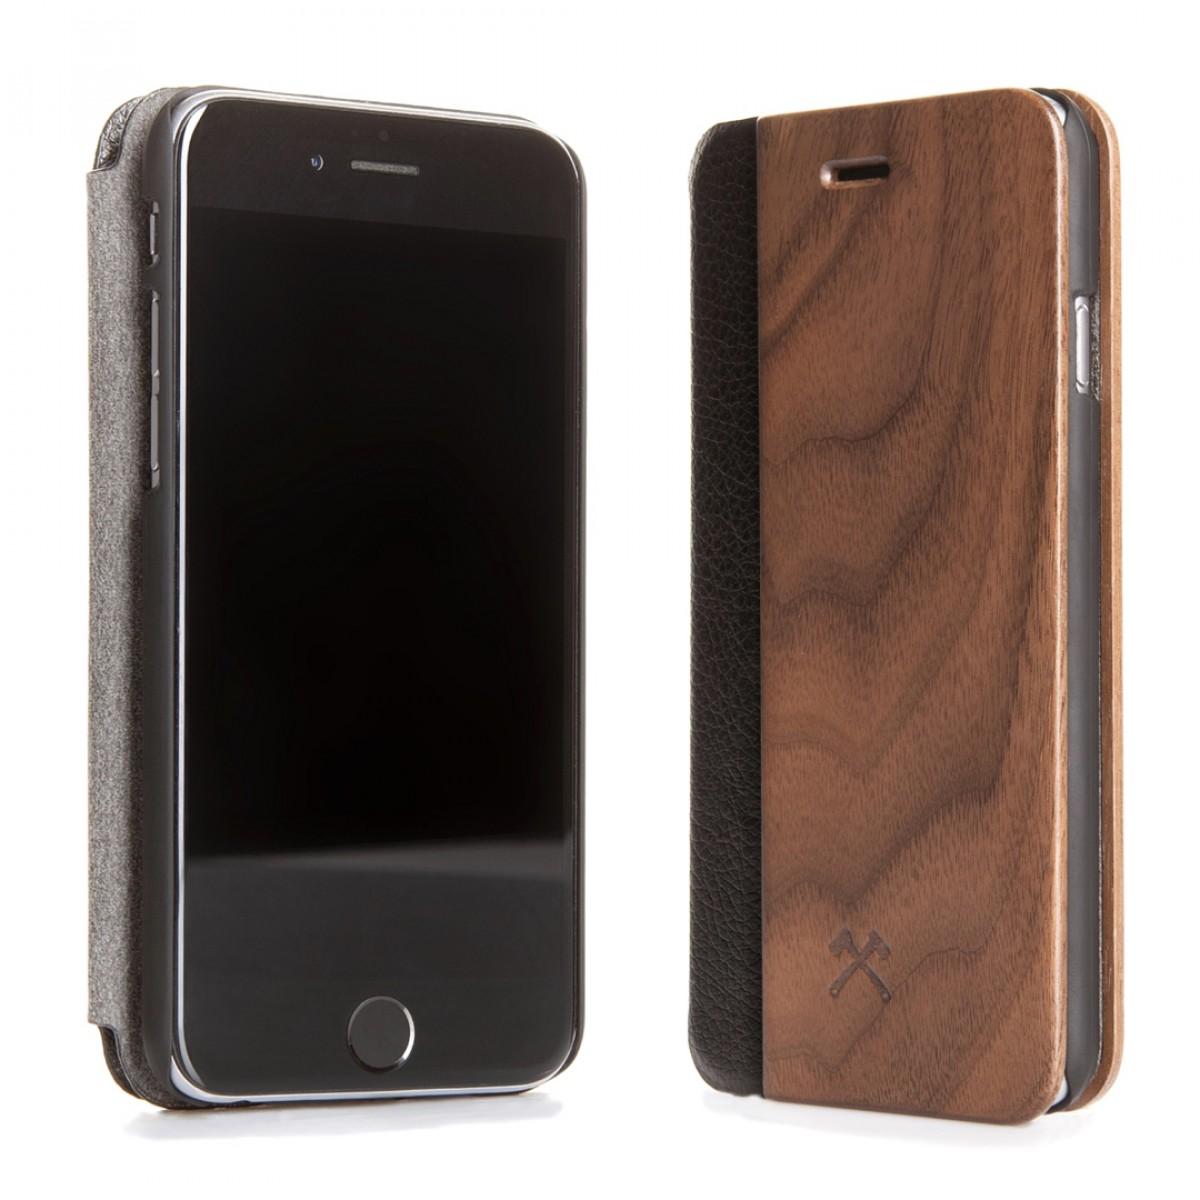 Woodcessories - EcoFlip Case - Premium Design Hülle, Case, Cover für das iPhone 6 / 6s aus FSC zert. Holz & natürlicher Lederoptik (Walnuss, Ahorn)